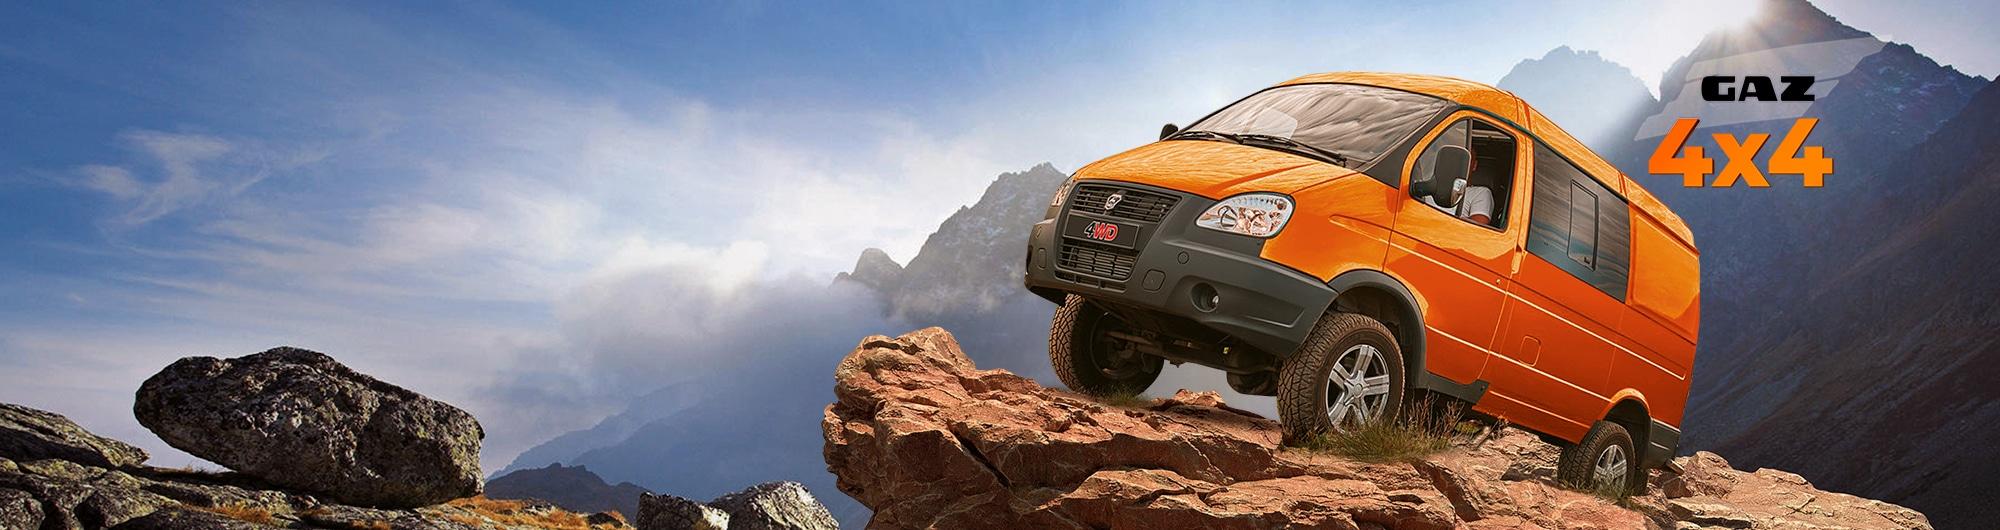 Баннер Выгода до 206 000 Р. Специальная цена при покупке Соболь 4WD. Десктопное изображение